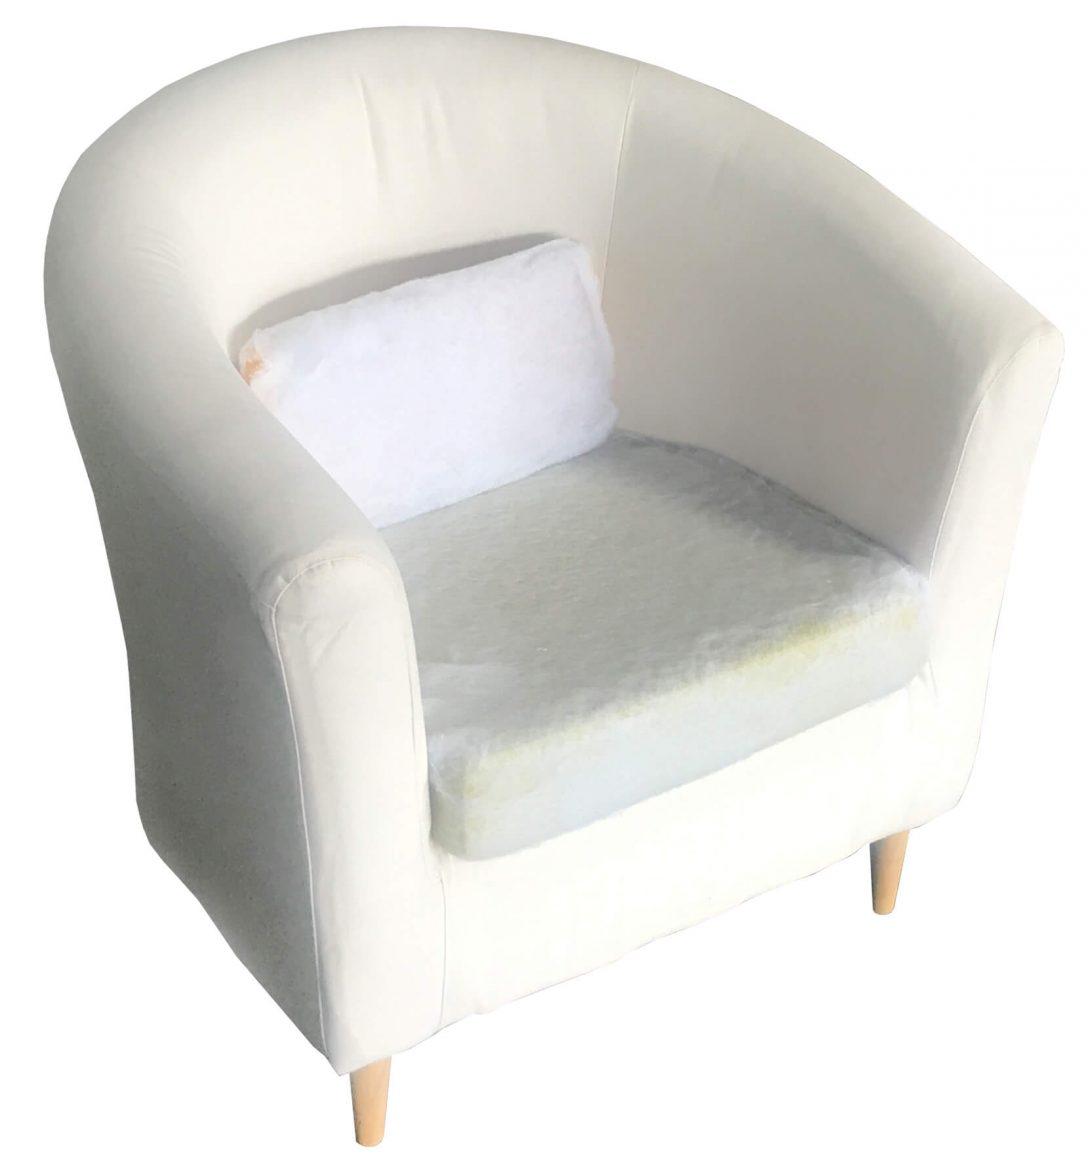 Large Size of Sessel Ikea Relaxsessel Garten Aldi Betten 160x200 Schlafzimmer Bei Küche Kosten Modulküche Kaufen Sofa Mit Schlaffunktion Hängesessel Lounge Wohnzimmer Wohnzimmer Sessel Ikea